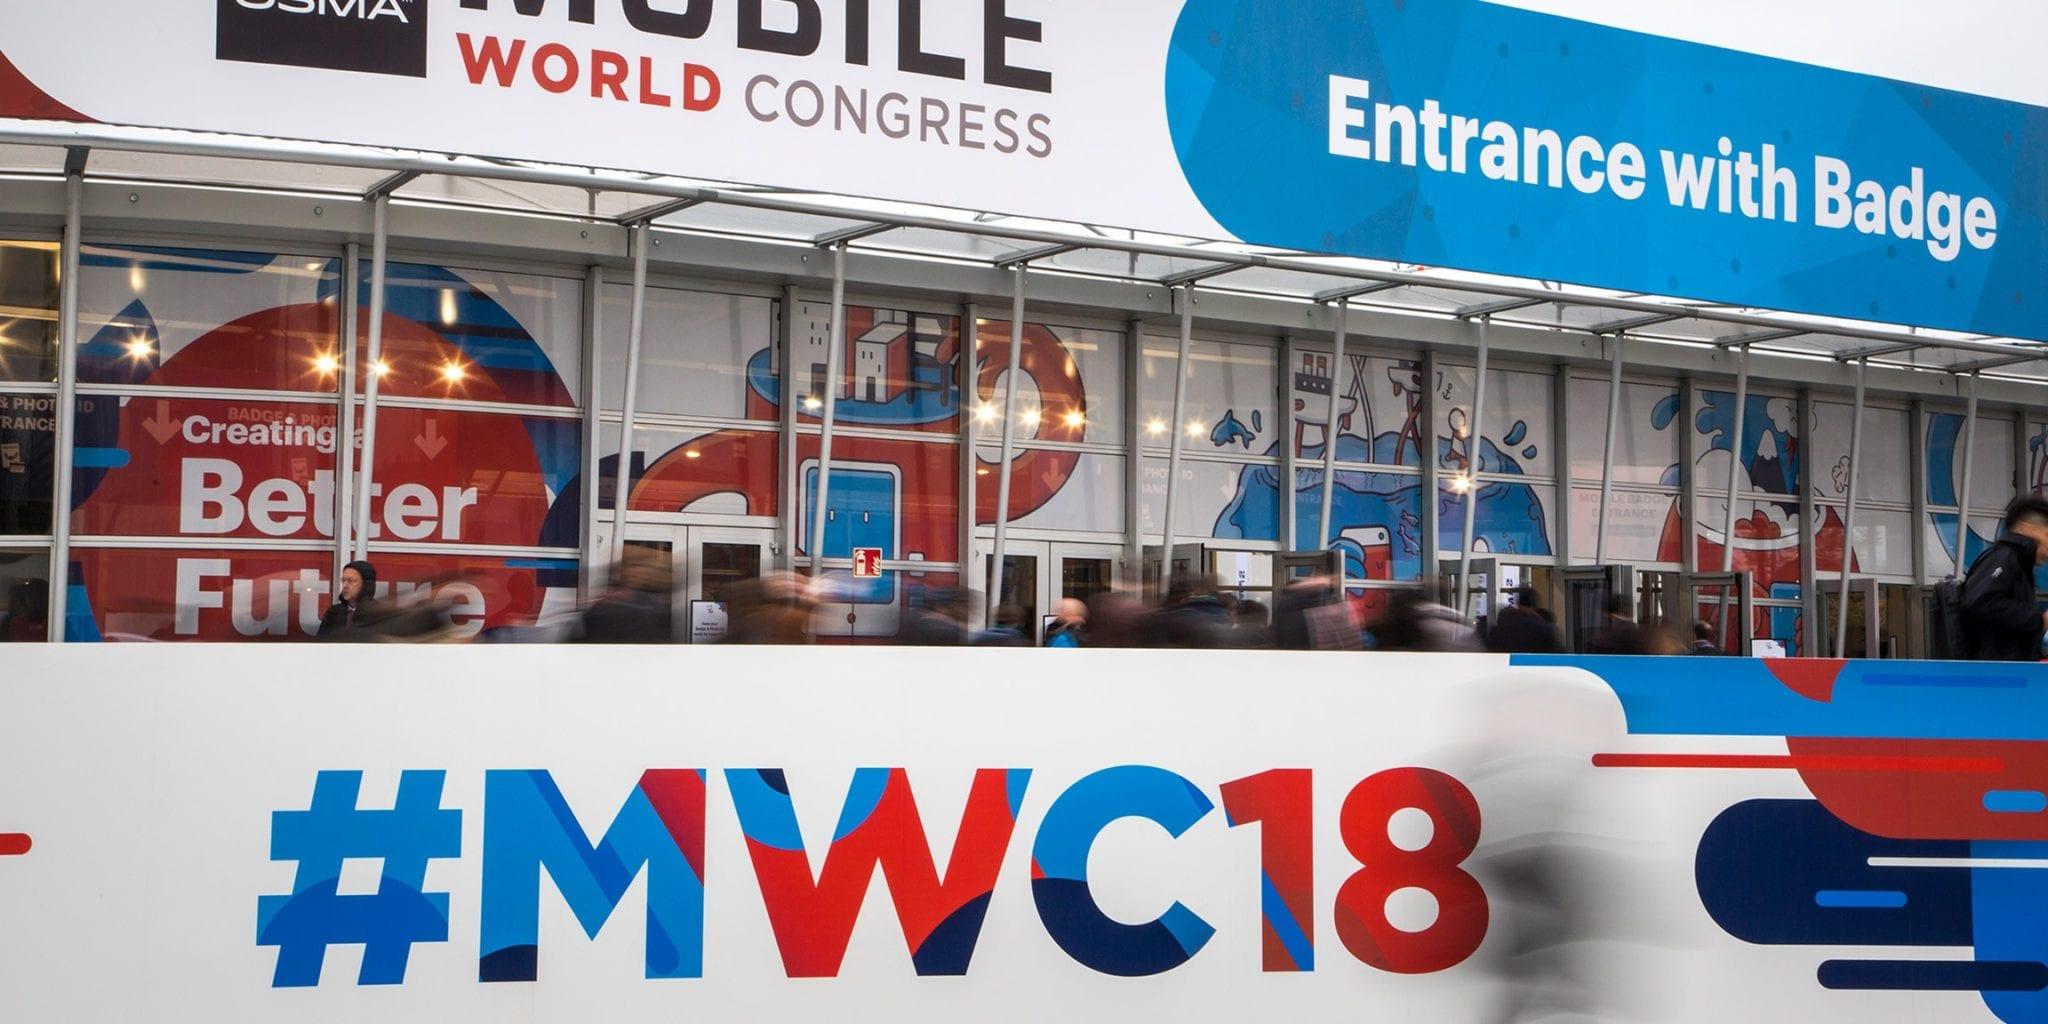 Mobile World Congress 18 photograph by Konnect via Eutelsat